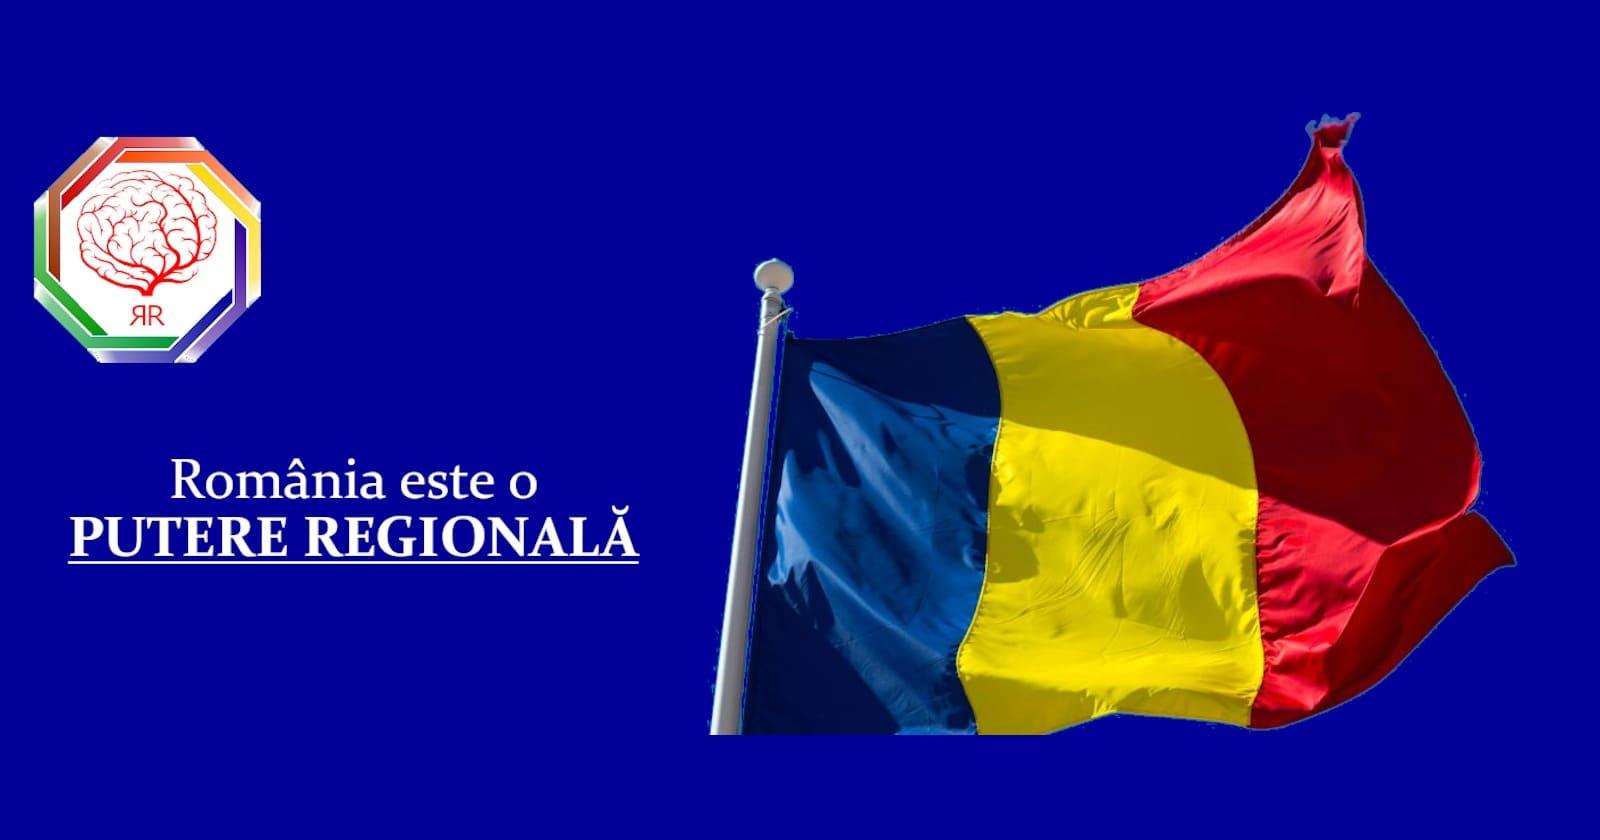 România în raport cu restul lumii